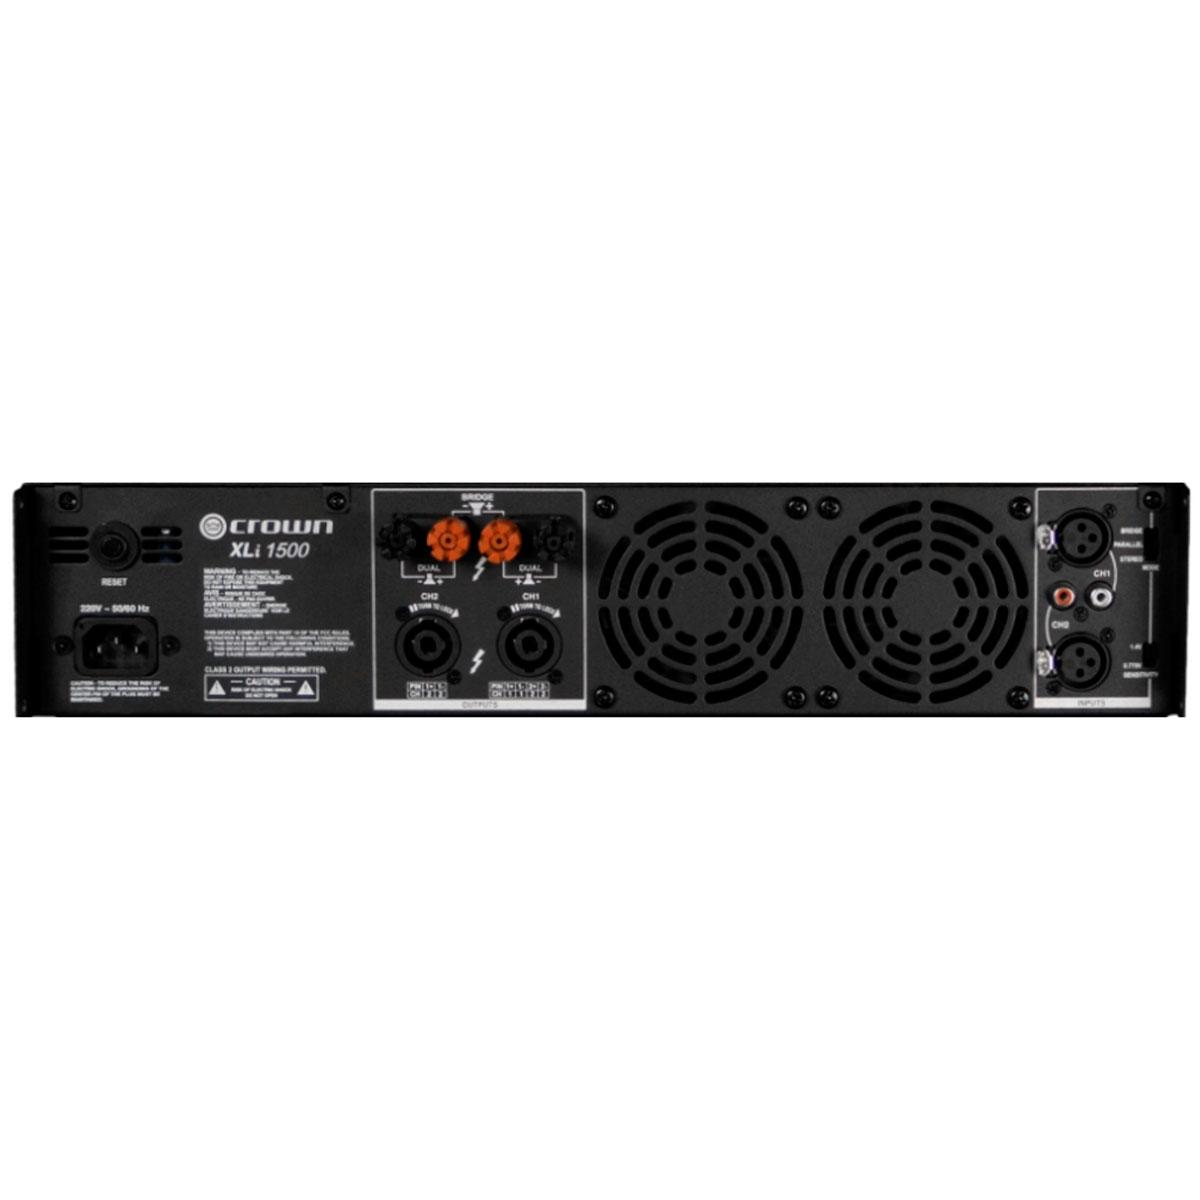 XLI1500 - Amplificador Estéreo 2 Canais 900W XLI 1500 - Crown